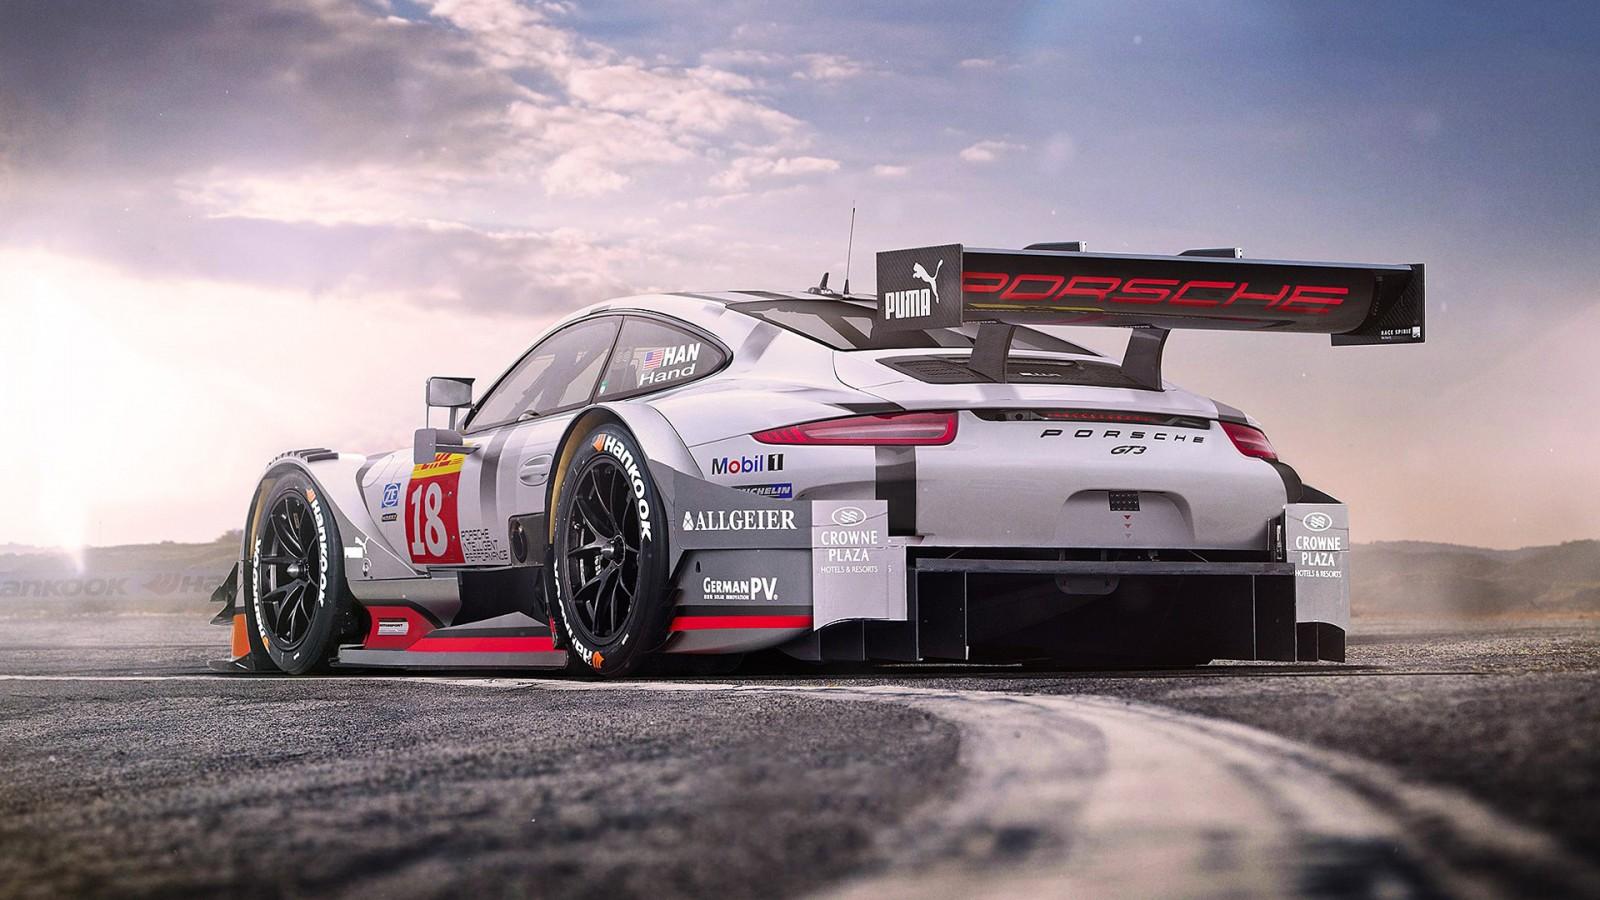 Porsche 911 Gt3 Race Car Wallpaper  Hd Car Wallpapers